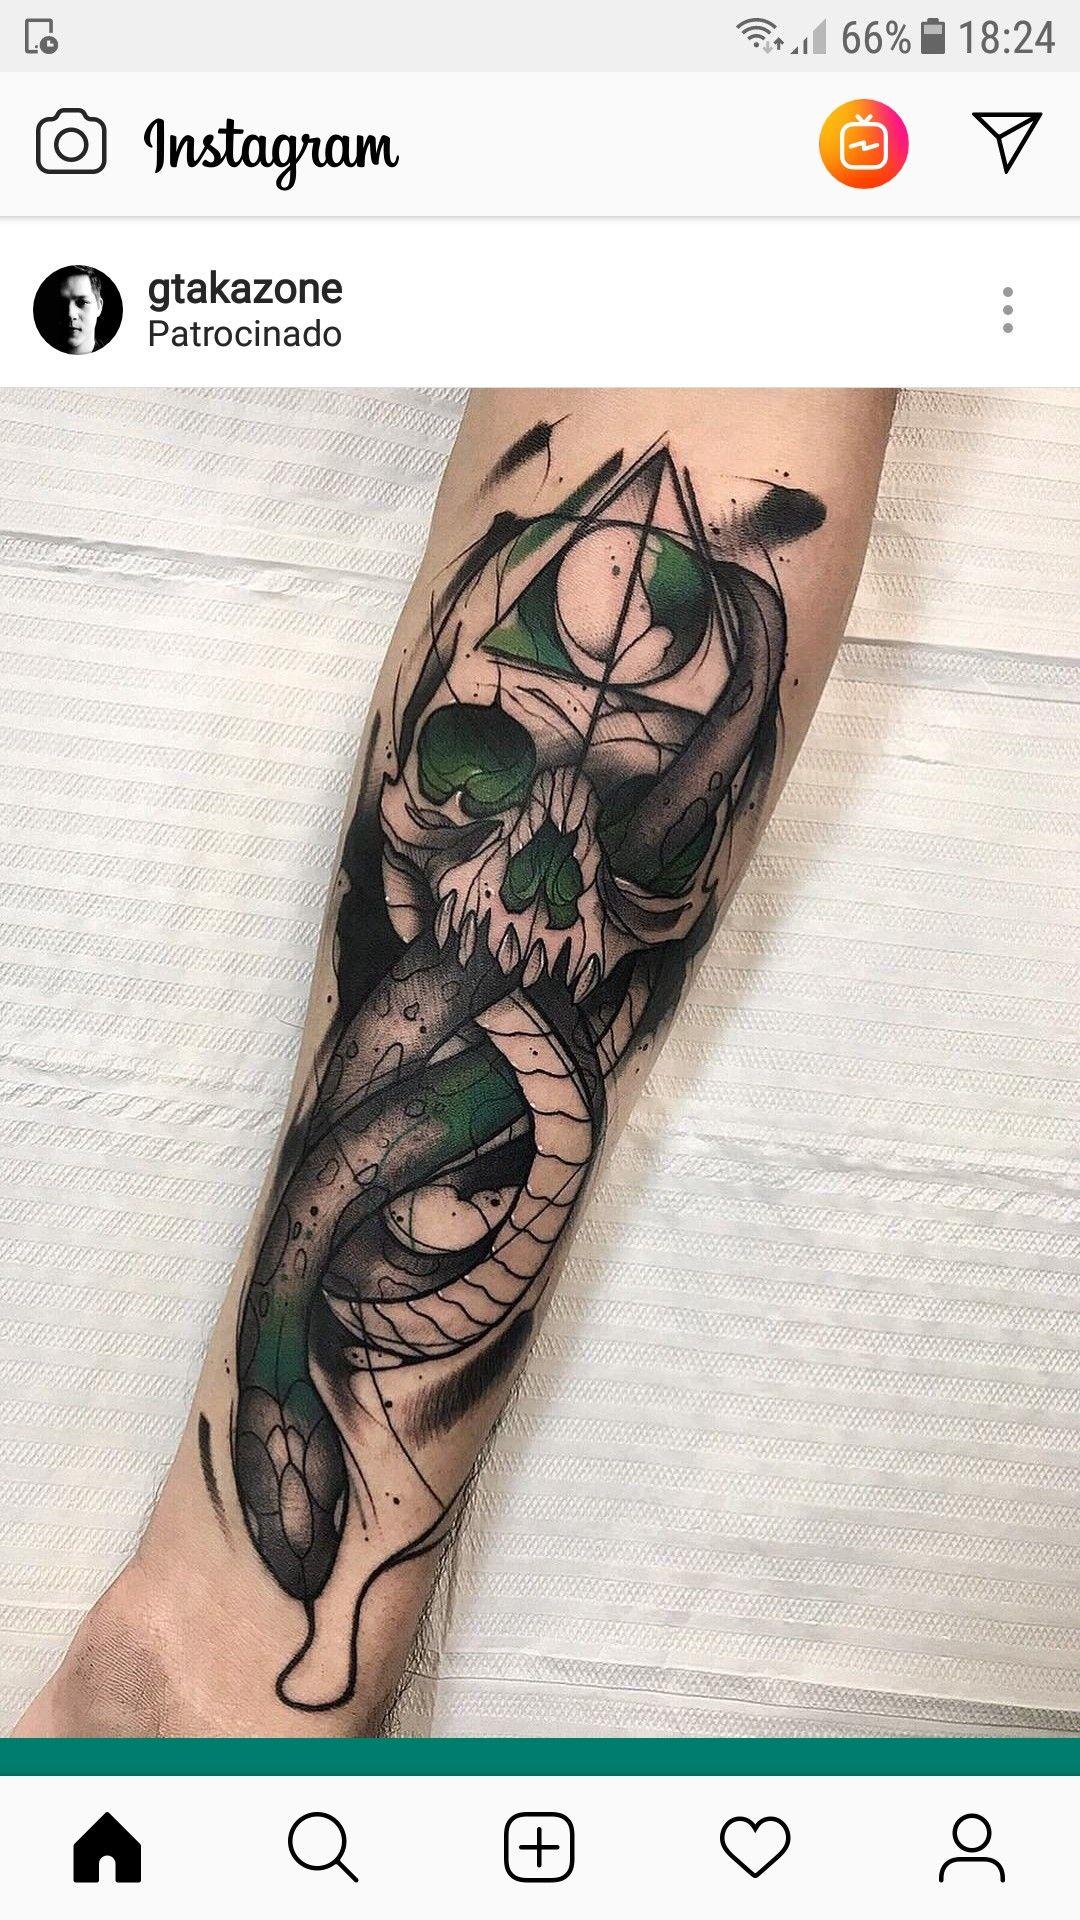 Tattoos image by Chris Politowski Harry tattoos, Dark